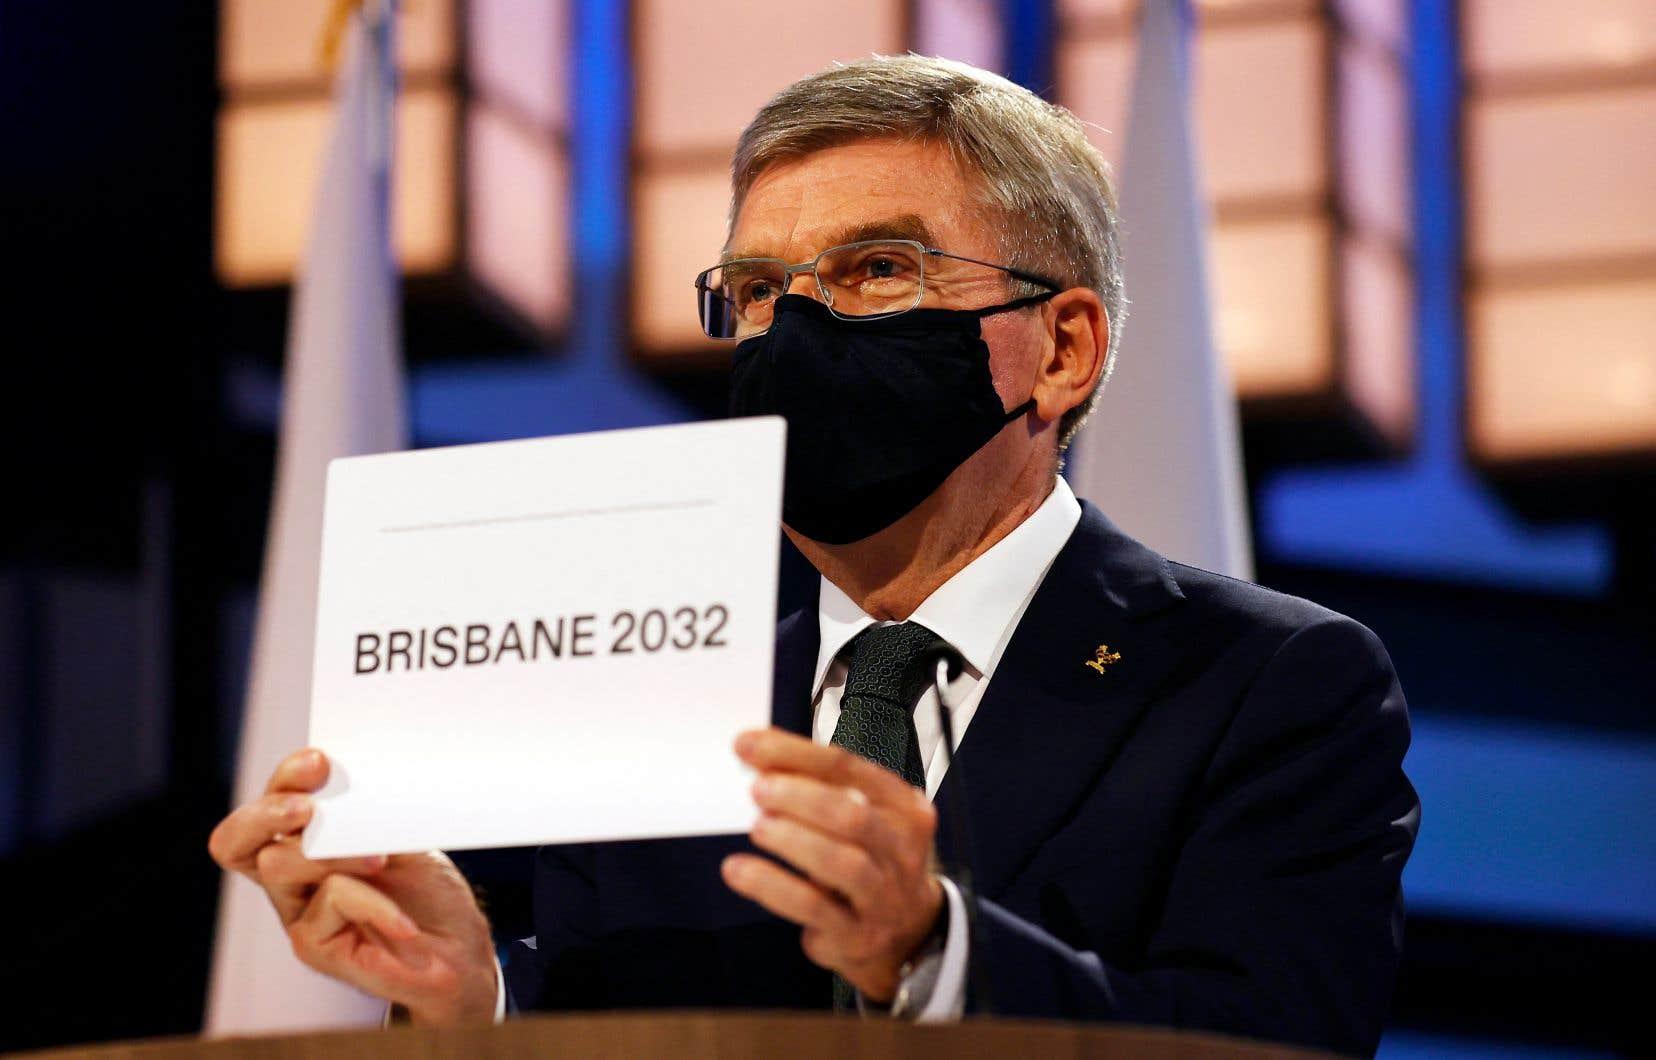 Mercredi, le patron du CIO, Thomas Bach, a annoncé que Brisbane serait la ville hôte des Jeux Olympiques d'été de 2032, lors de la 138e Session du CIO à Tokyo le 21 juillet 2021.